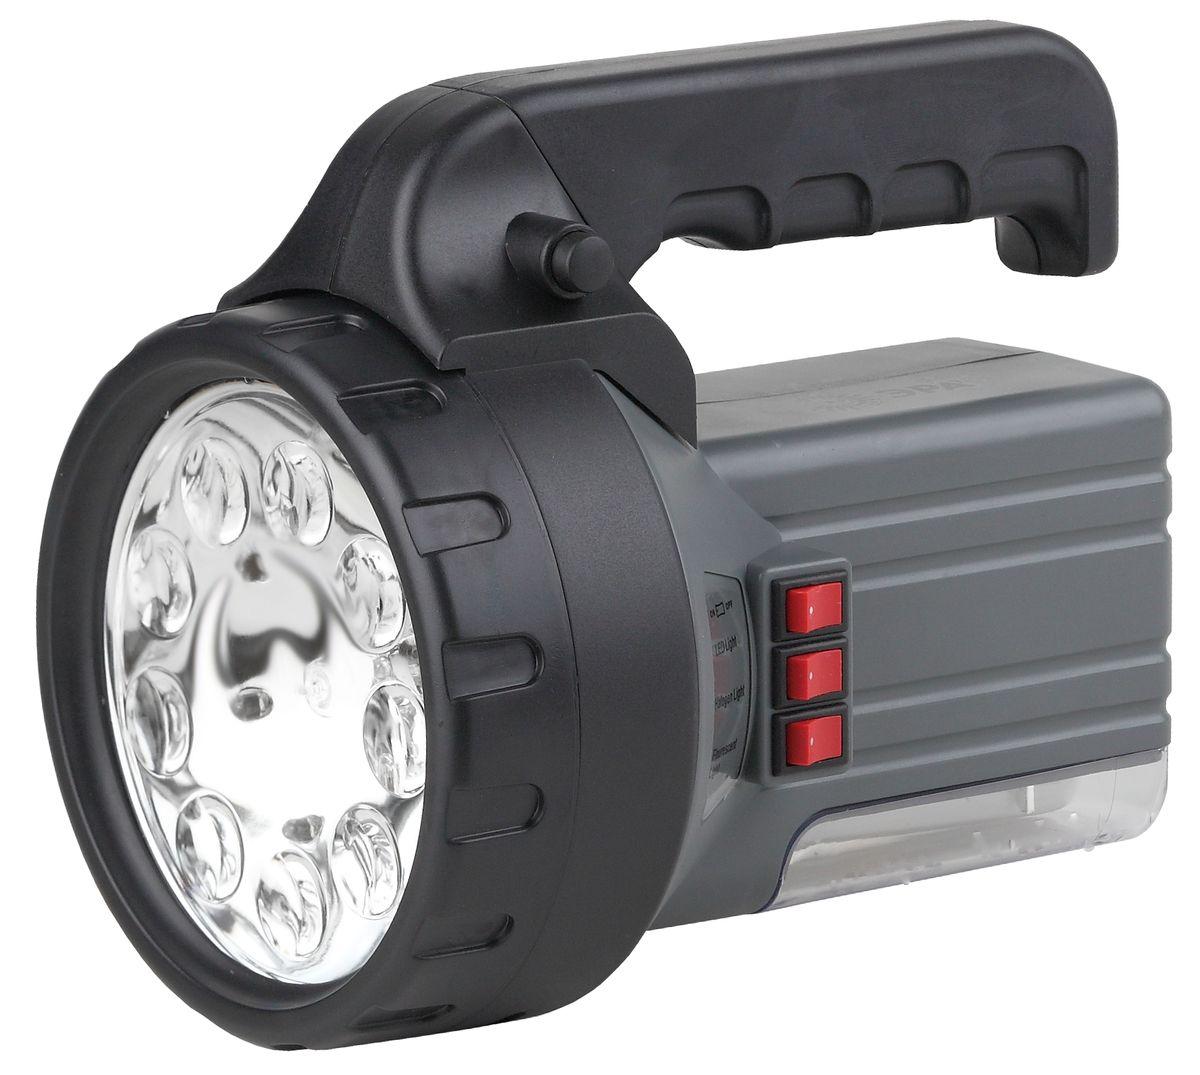 Фонарь ручной ЭРА, 9 x LED, с галогенной лампой и люминесцентным светильником фонарь ручной эра практик 15 вт cob powerbank 6 ач с магнитом и крючком 3 режима